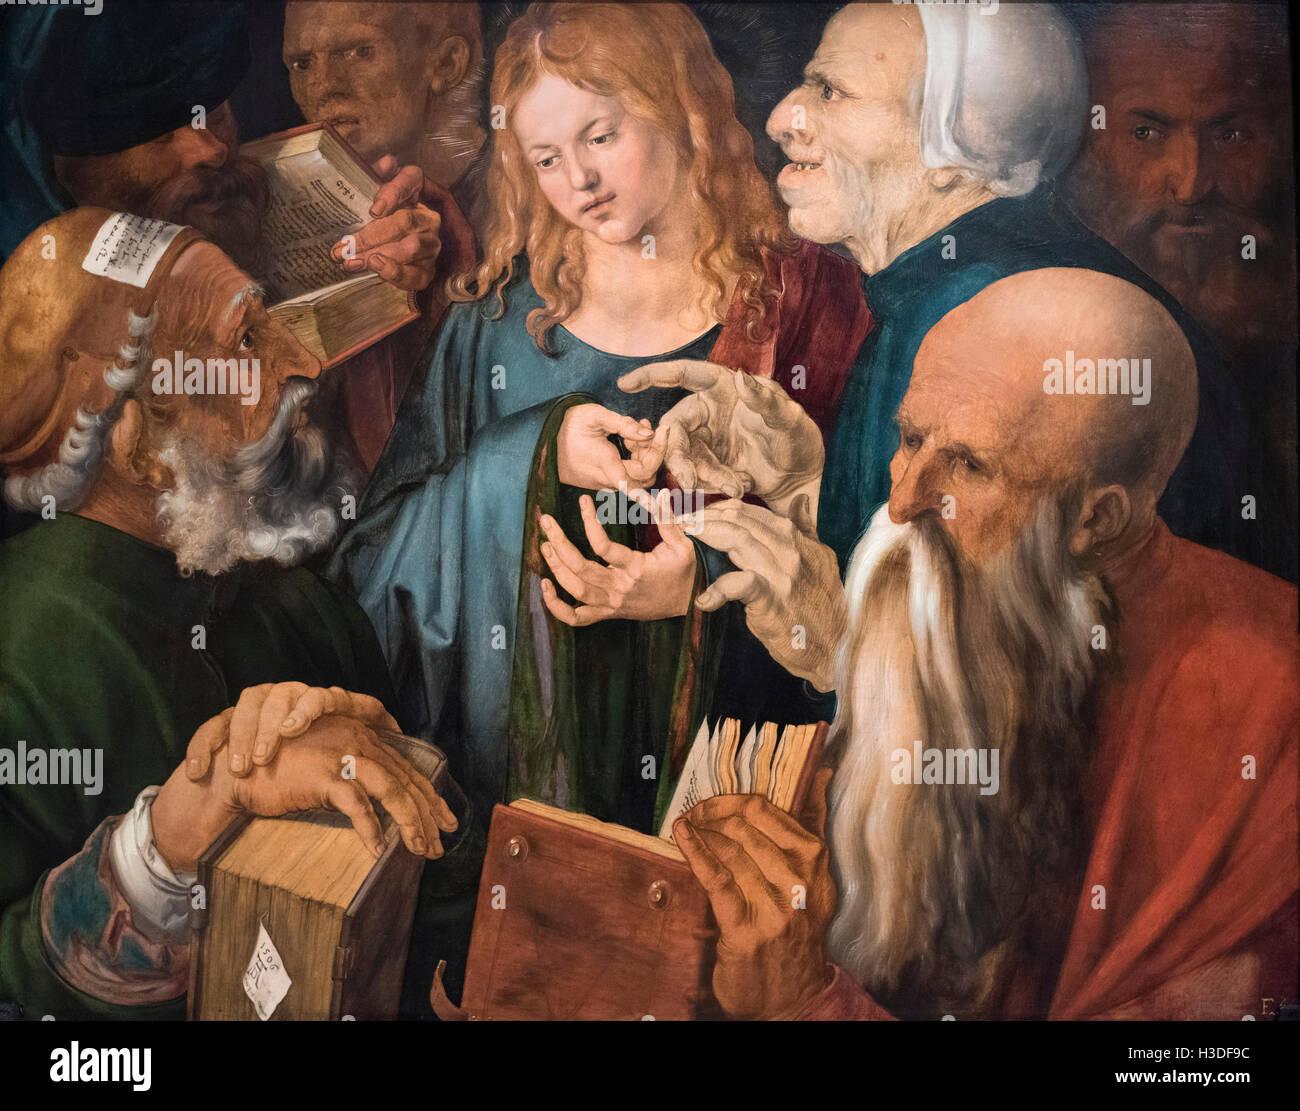 Albrecht Dürer (1471-1528), Jesus mitten unter den Lehrern, 1506. Museo Thyssen-Bornemisza, Madrid, Spanien. Stockbild